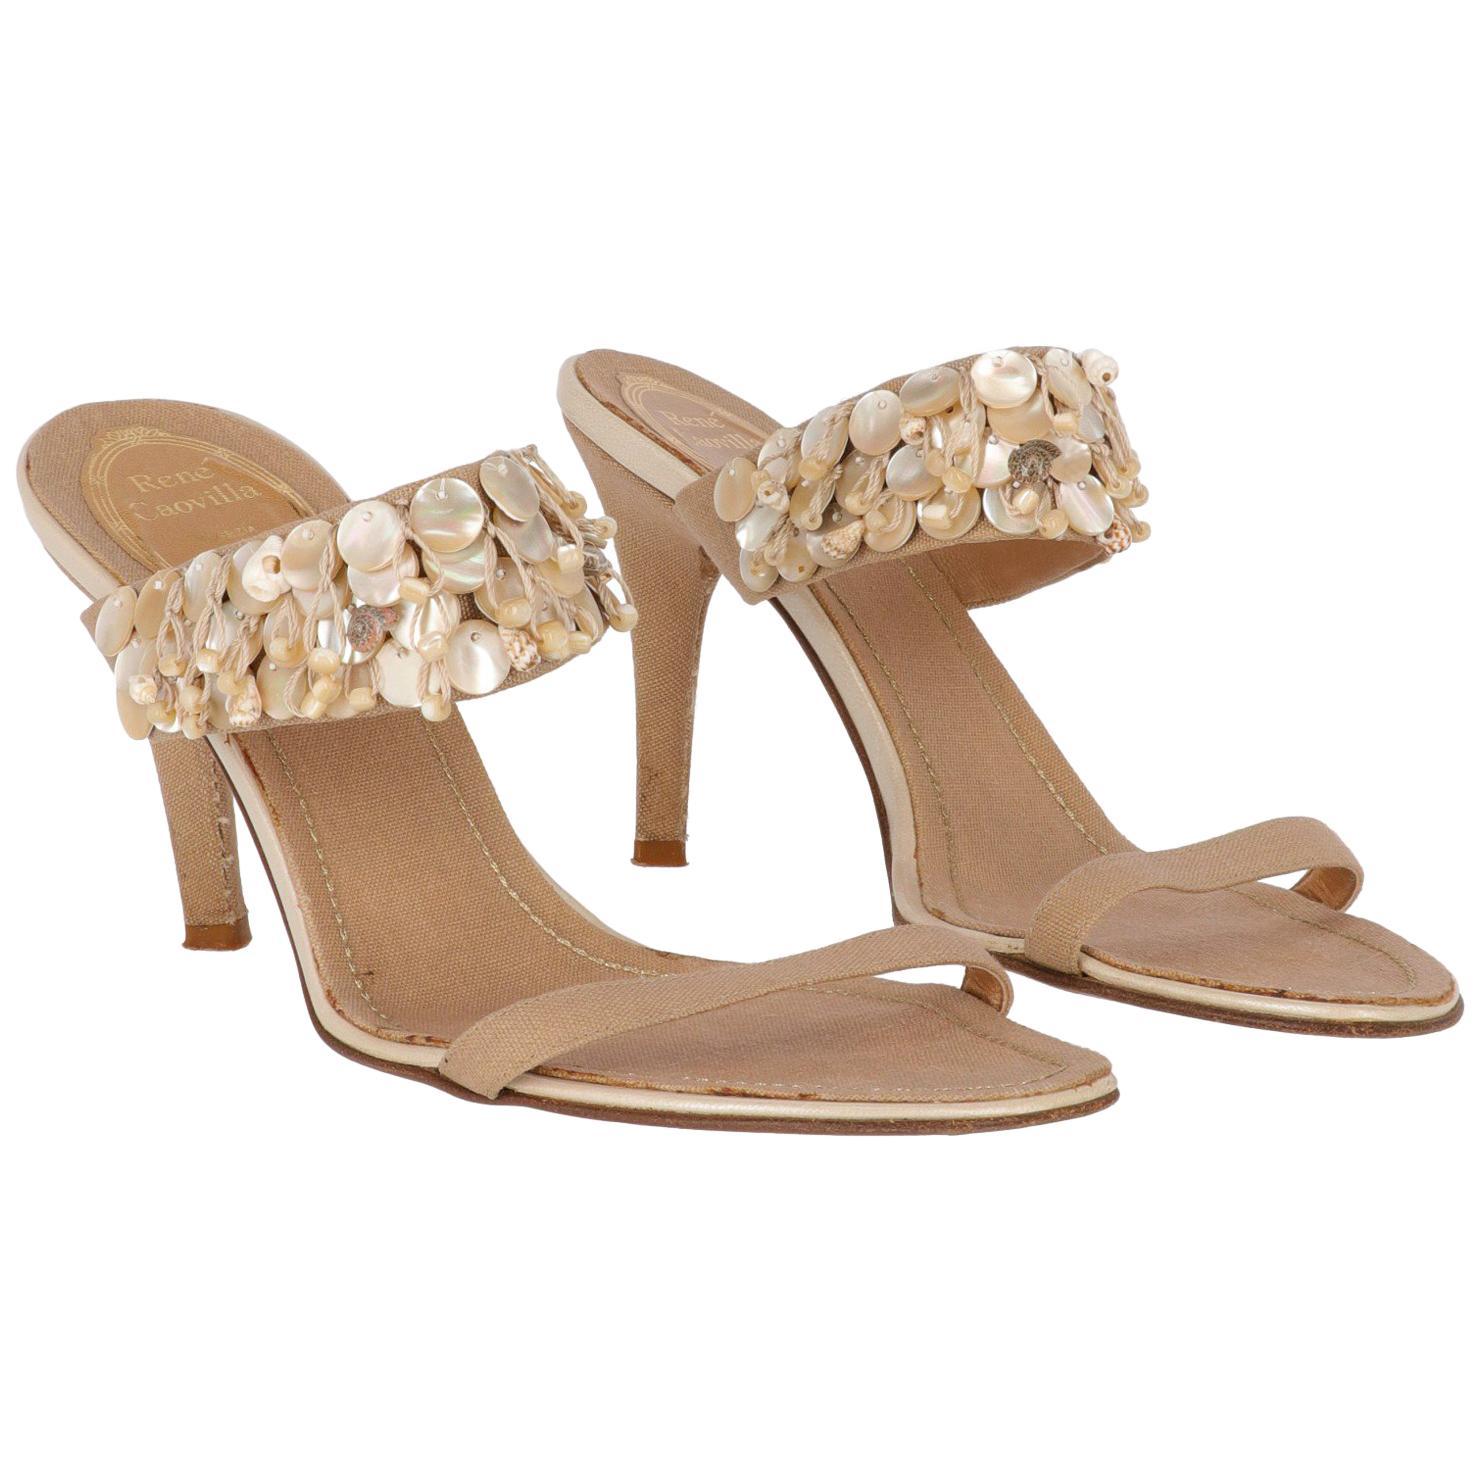 2000s René Caovilla Shells Sandals